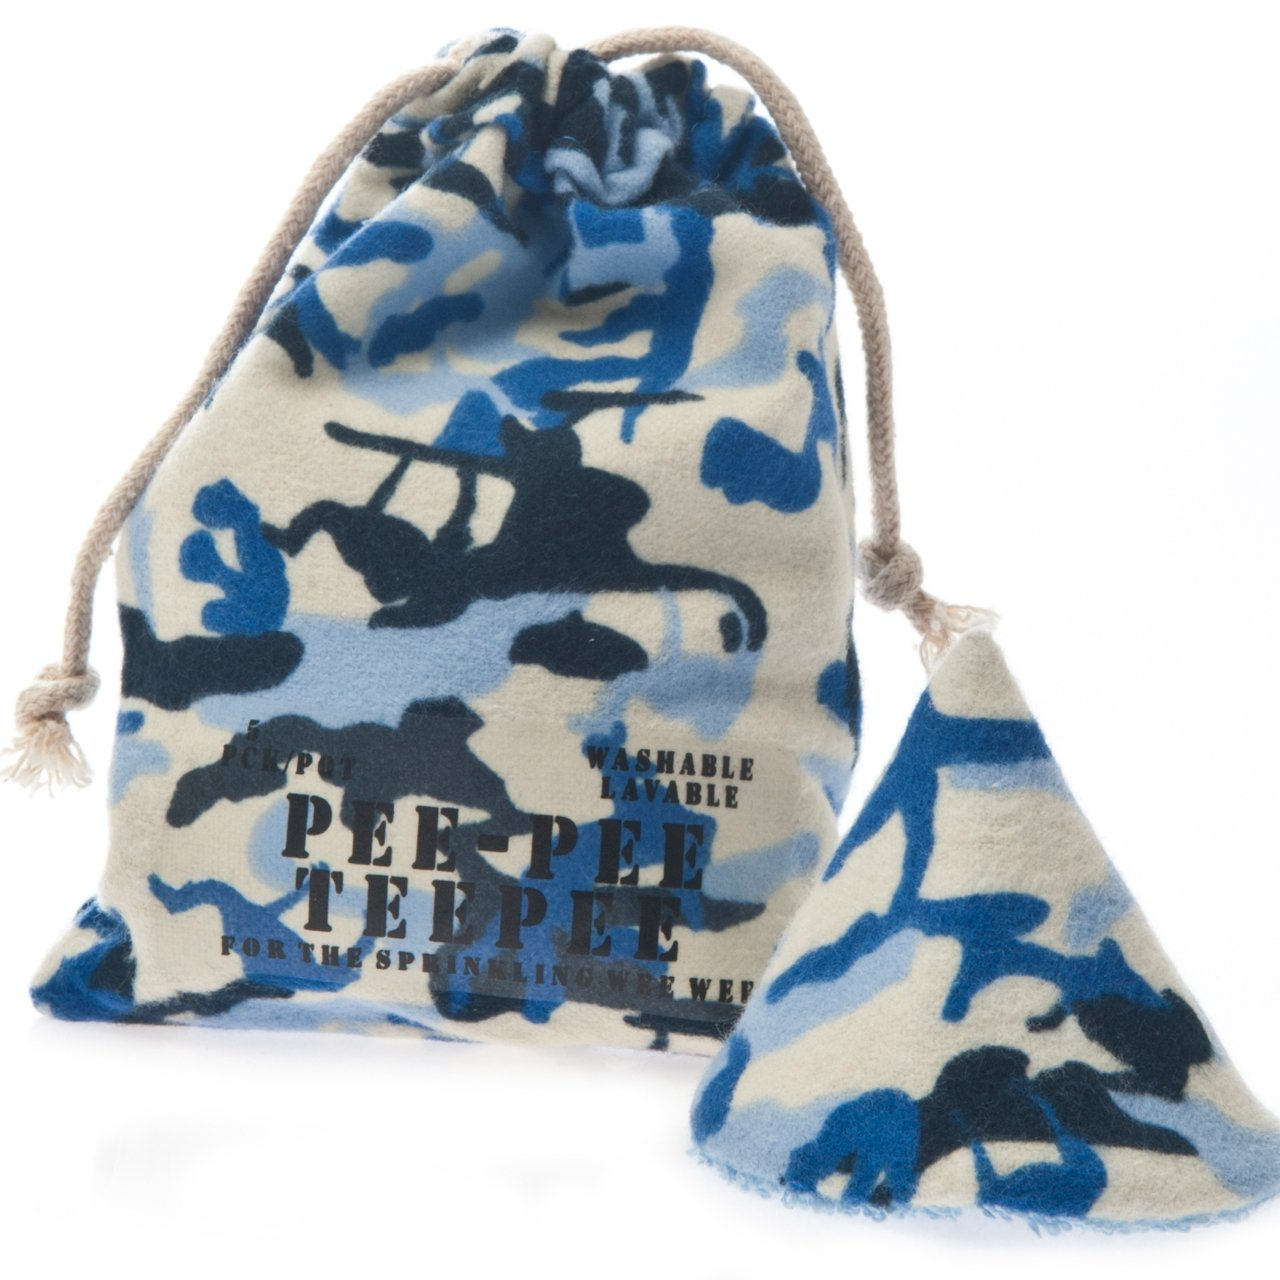 Pee-pee Teepee Camo Blue - Laundry Bag